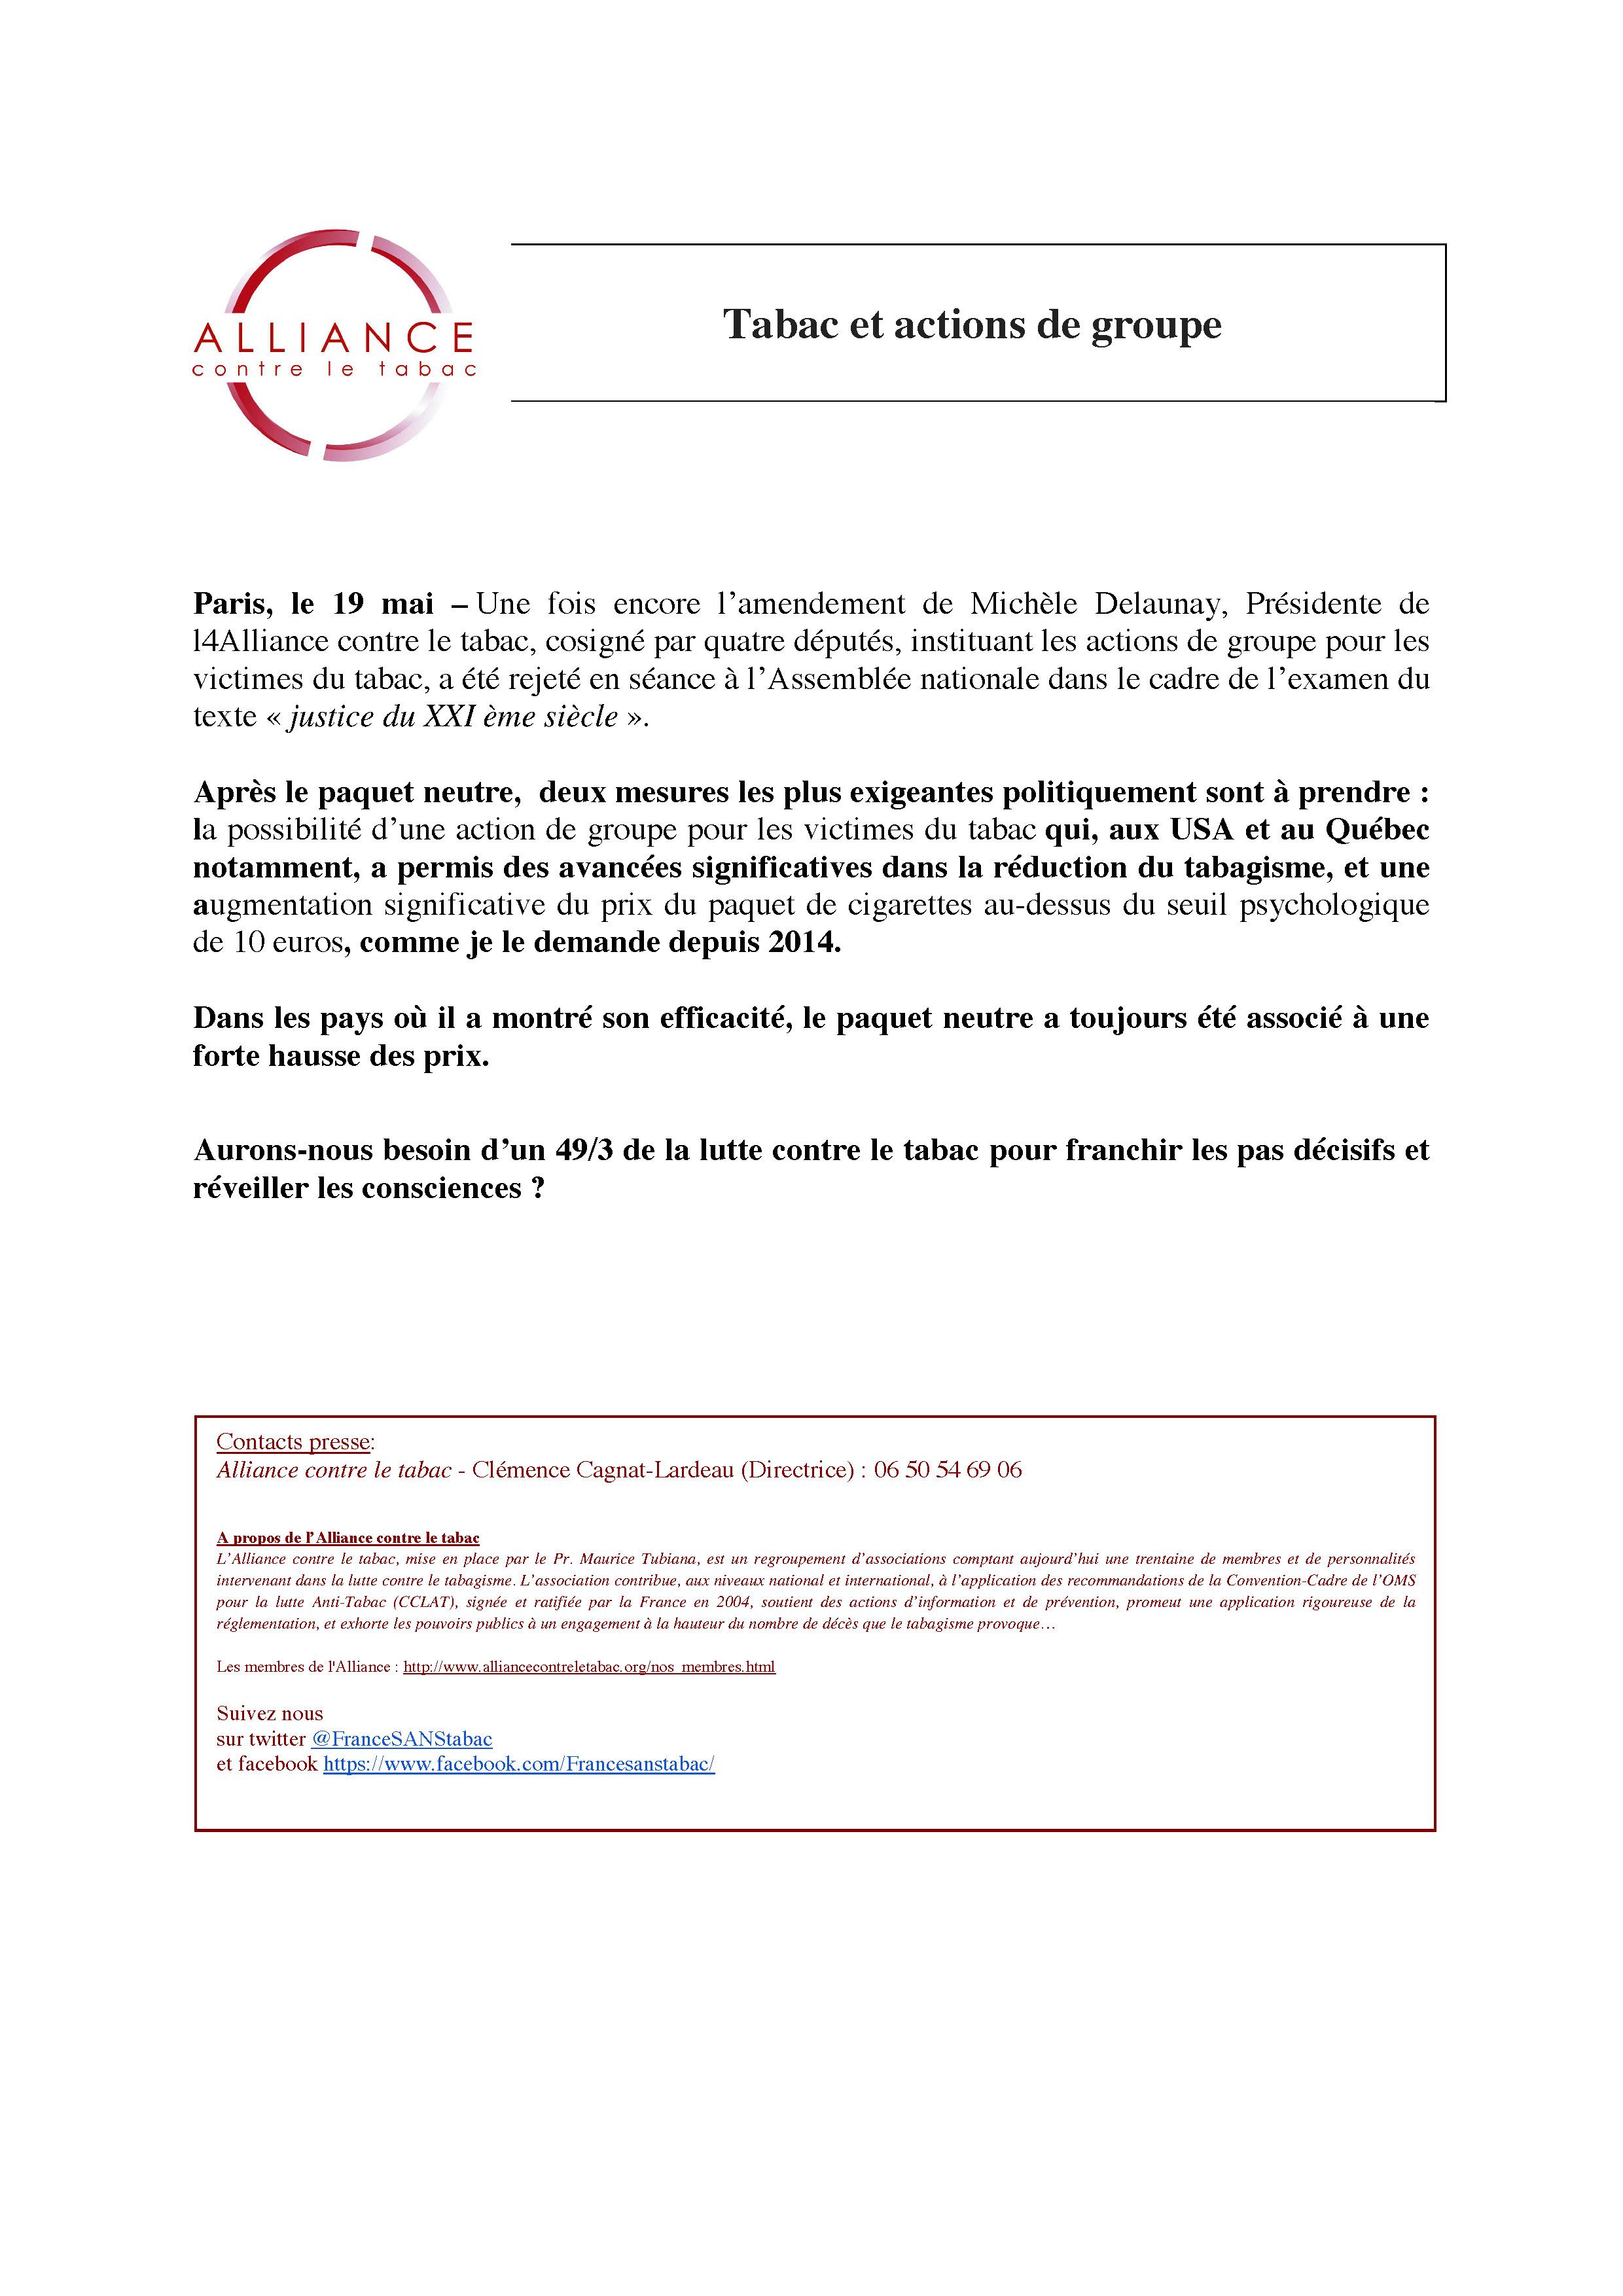 Alliance-CP_Tabac-et-actions-de-groupe-19mai2016.jpg